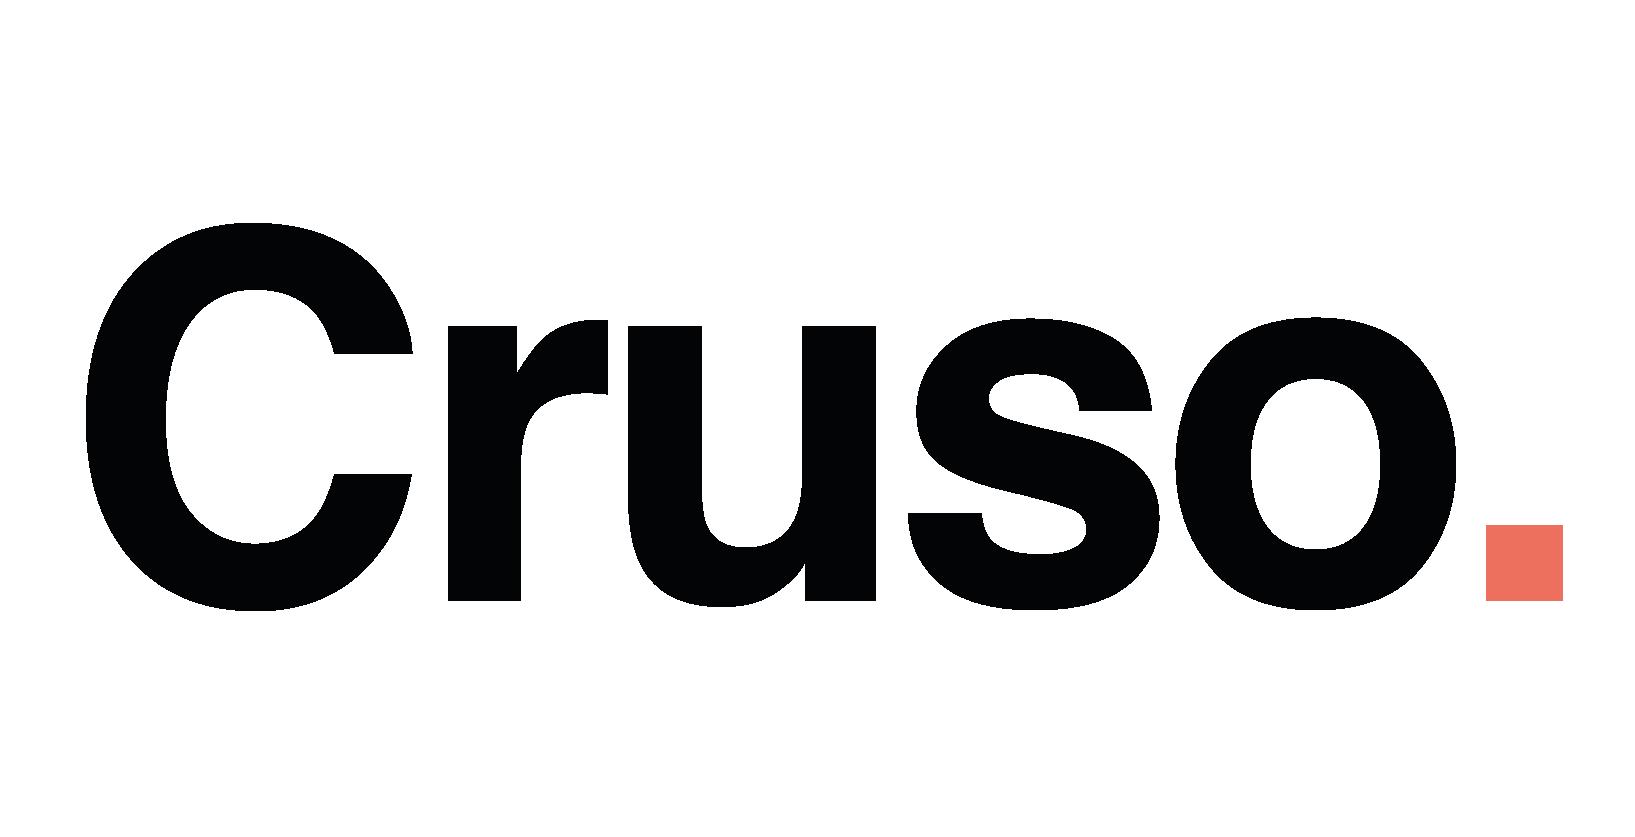 Cruso PR